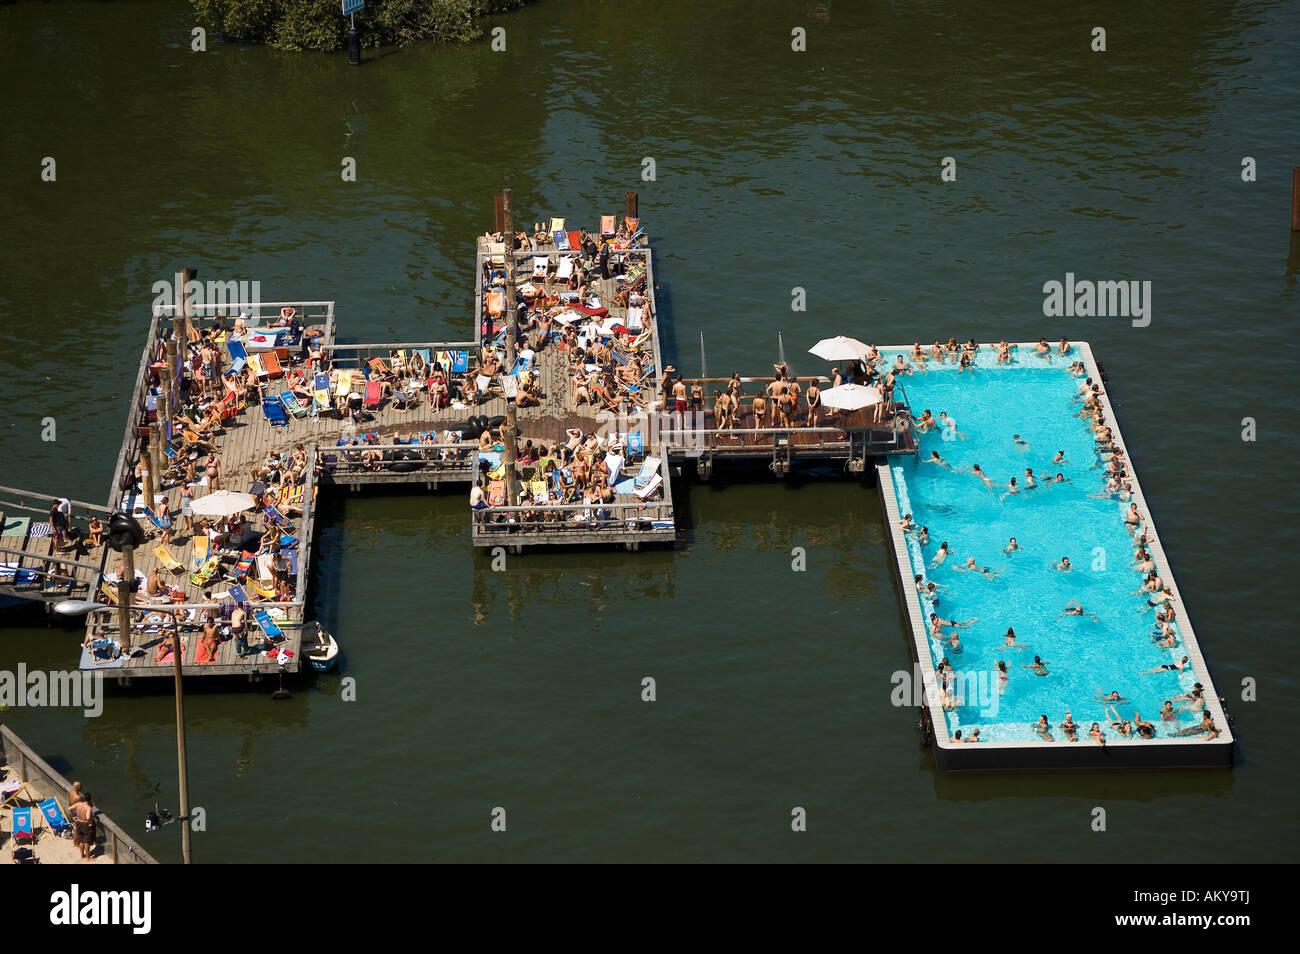 badeschiff badeschiff ffentliches schwimmbad fluss spree berlin deutschland stockfoto. Black Bedroom Furniture Sets. Home Design Ideas